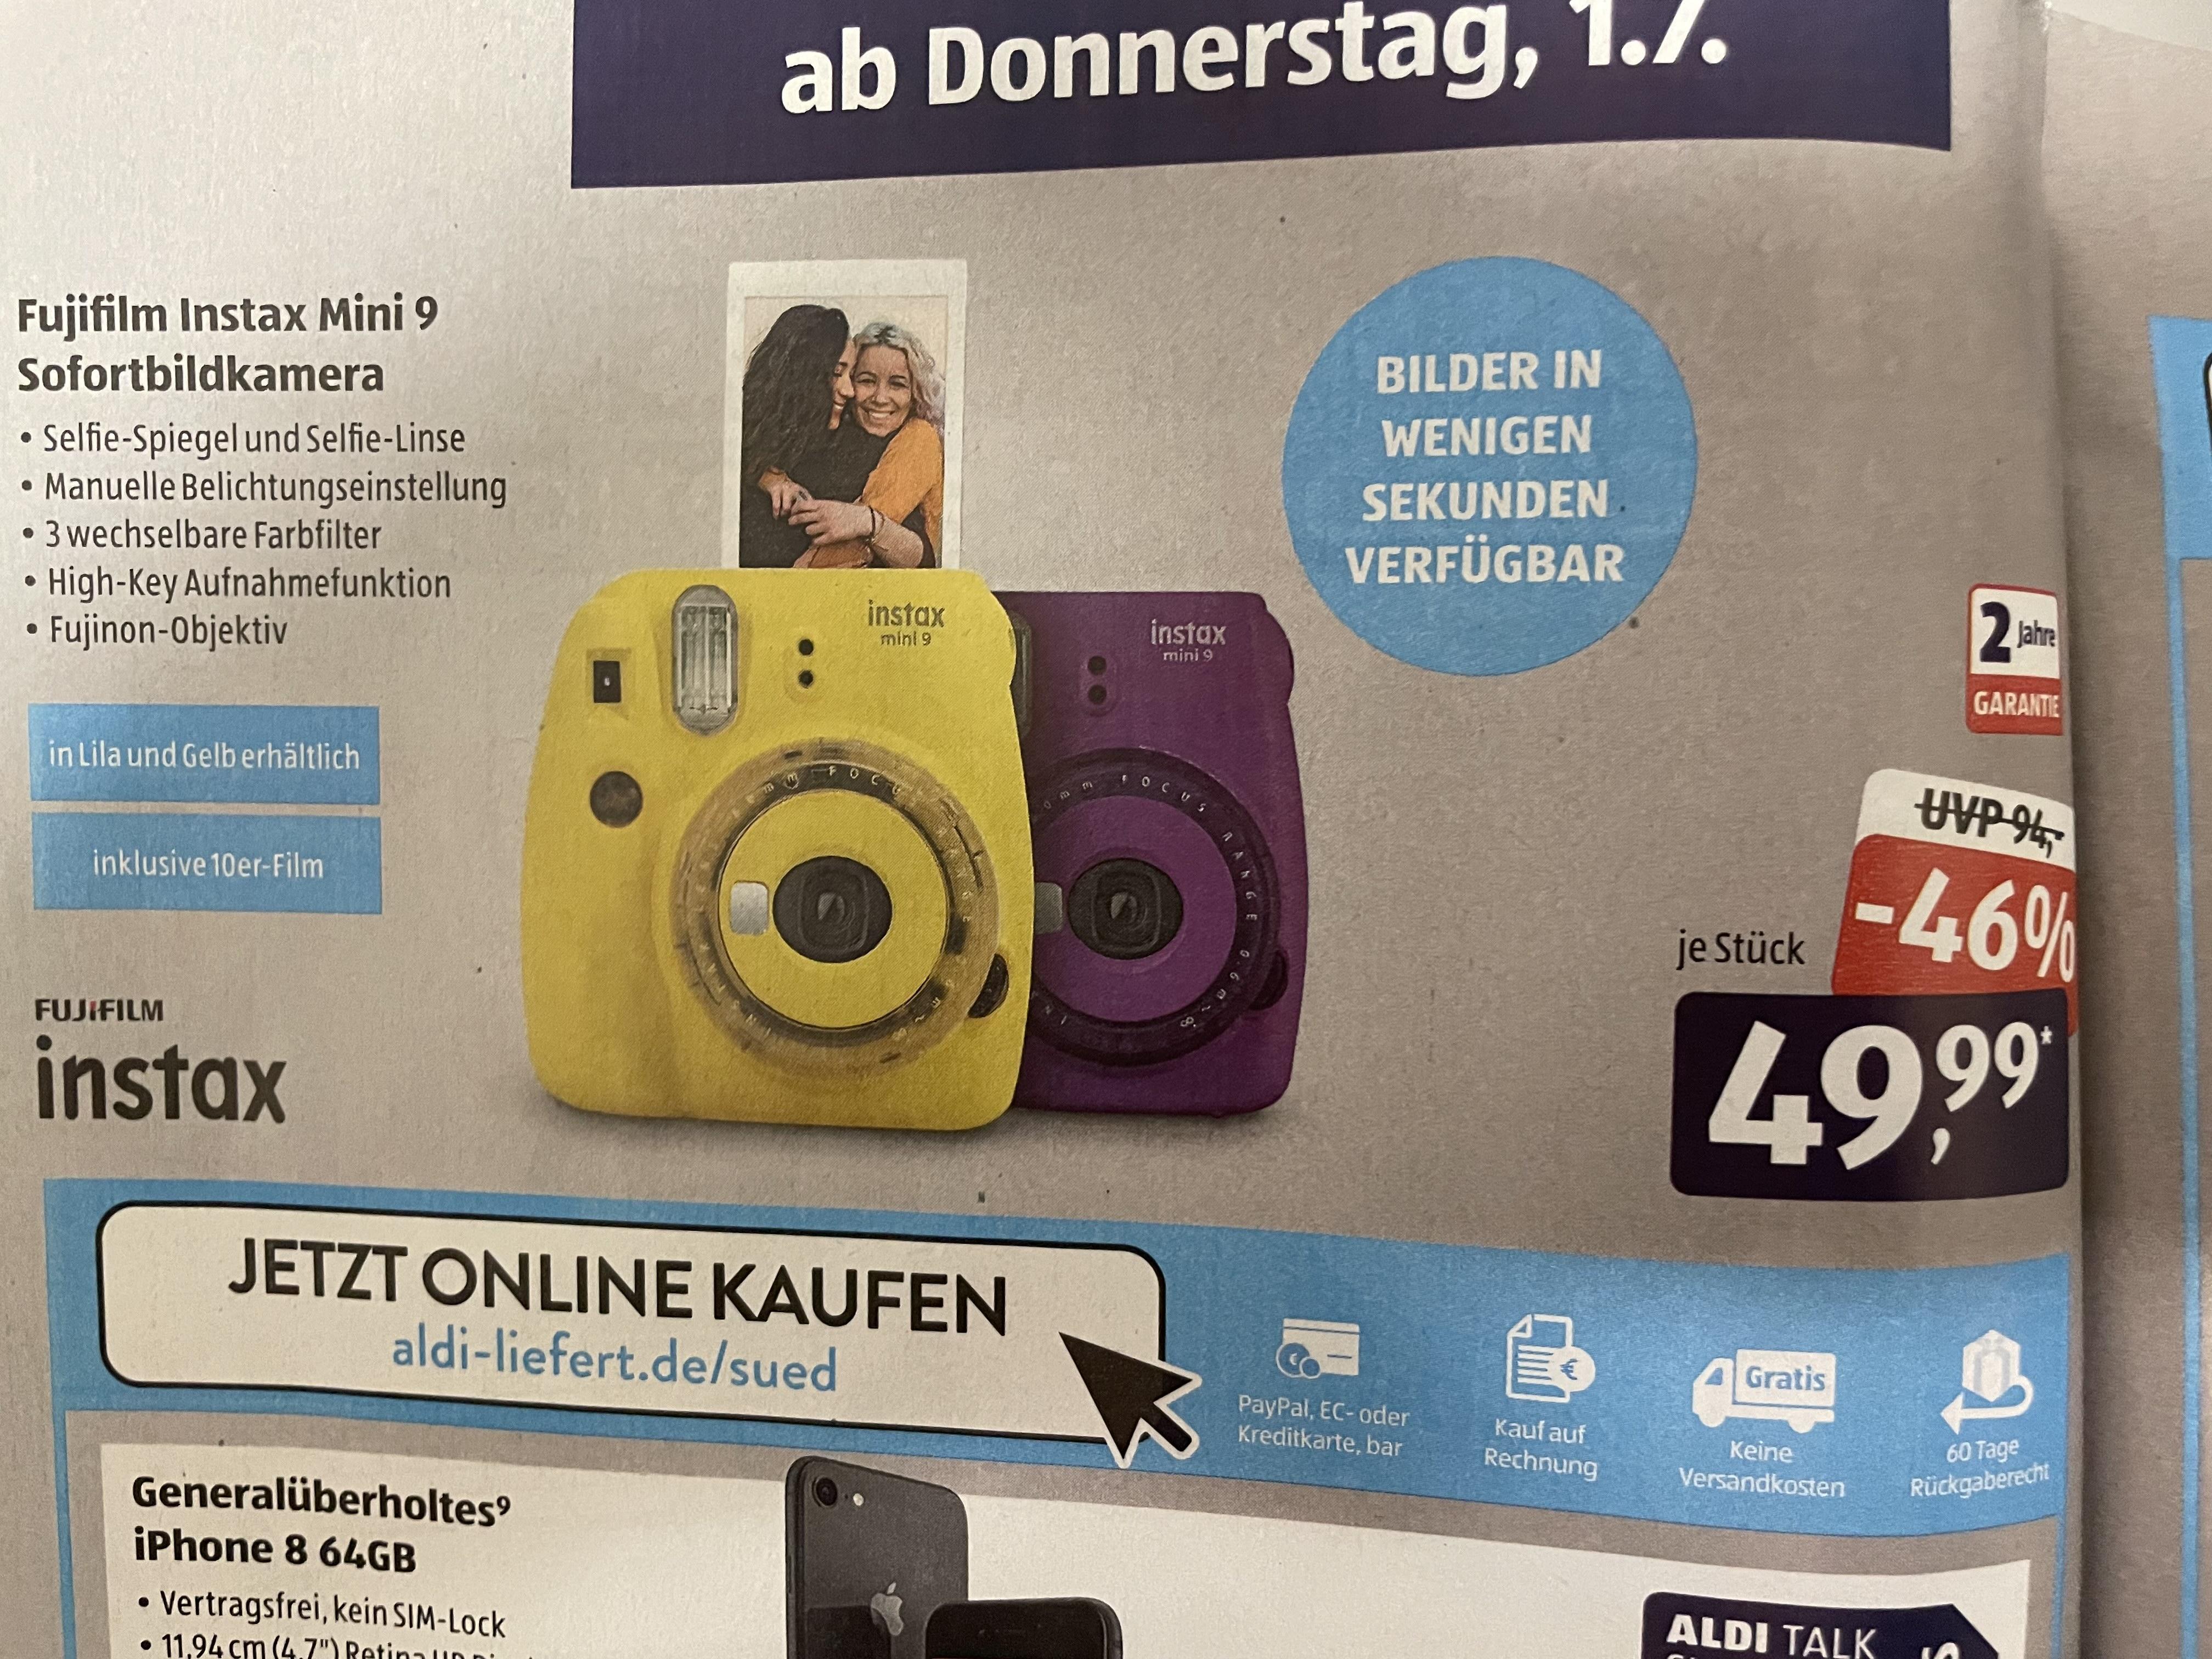 Fujifilm Instax Mini 9 in gelb & lila (inkl. 10er Film & 3x Farbfilter) [Aldi Süd]